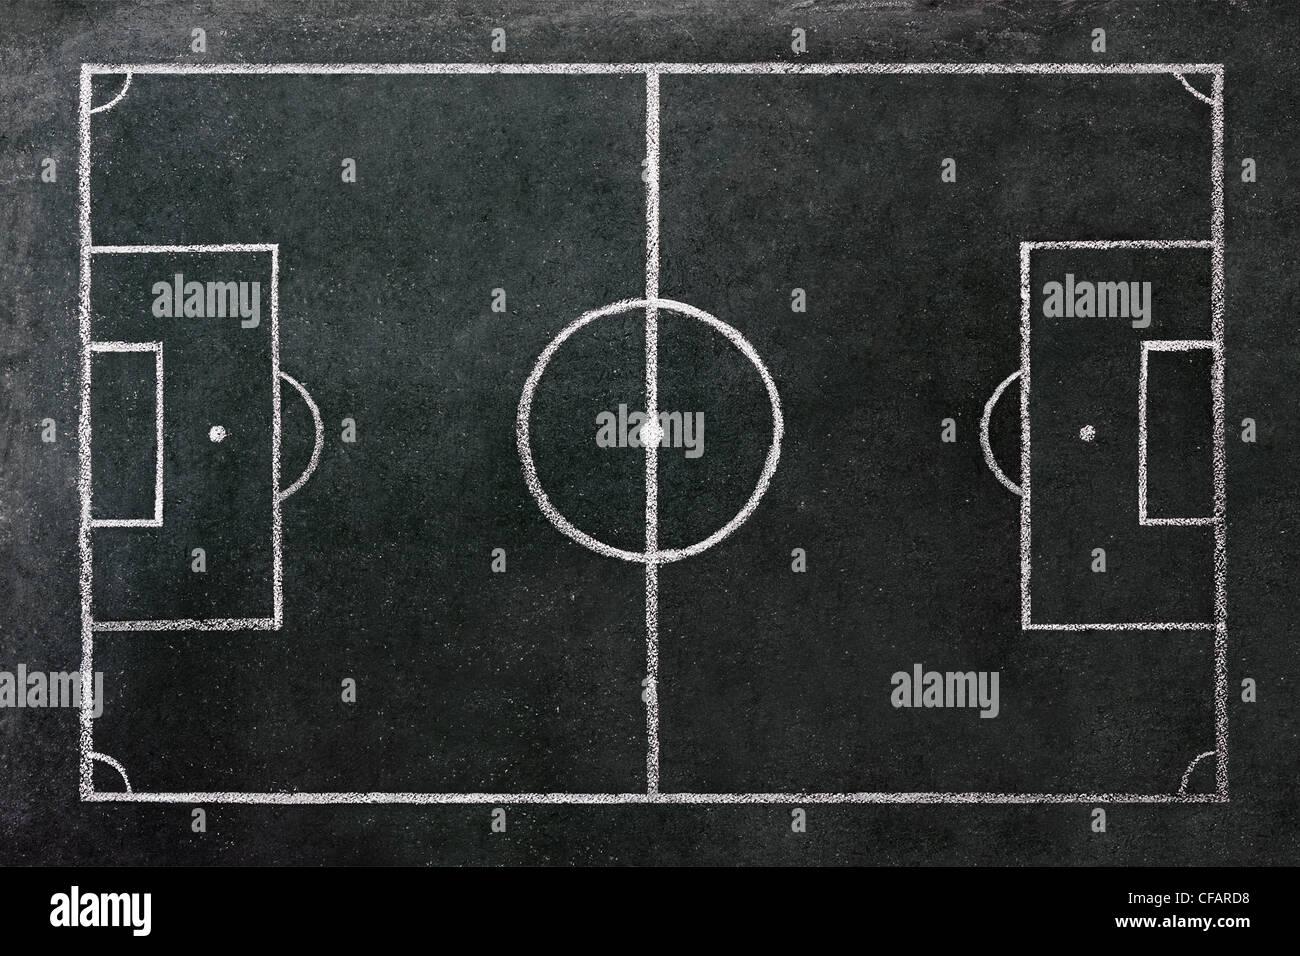 Fußballplatz auf einer Tafel gezeichnet. Stockbild